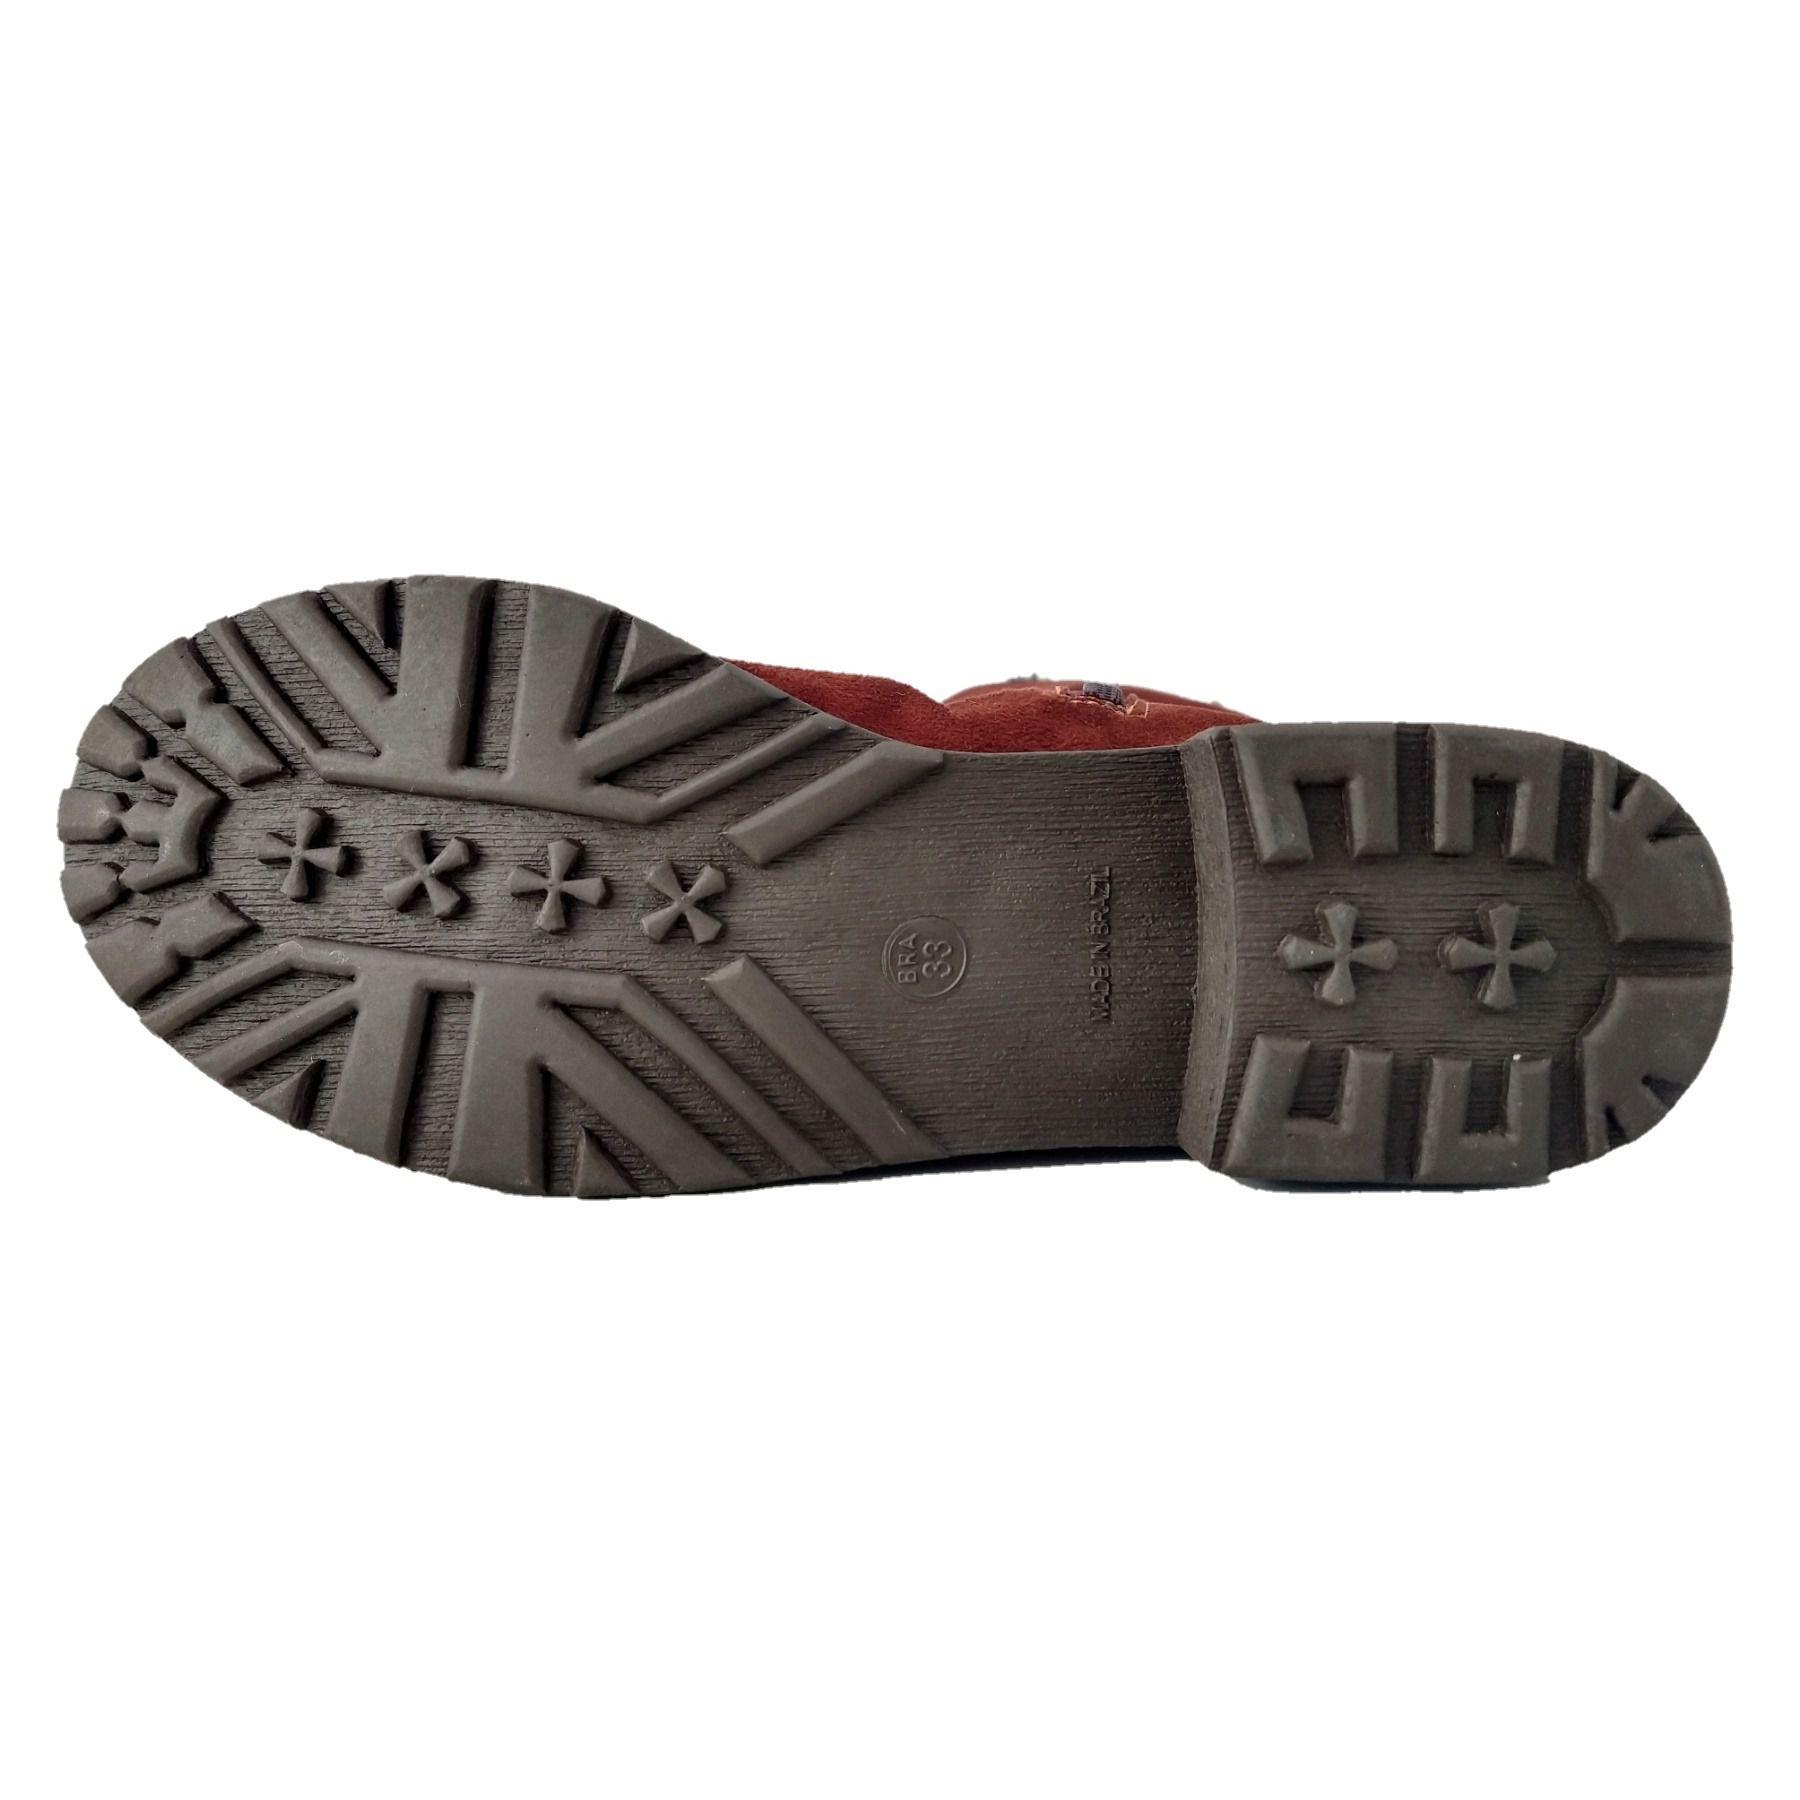 Bota de Pelo SapatoWeb Dobrável Camurça  - SAPATOWEB.COM